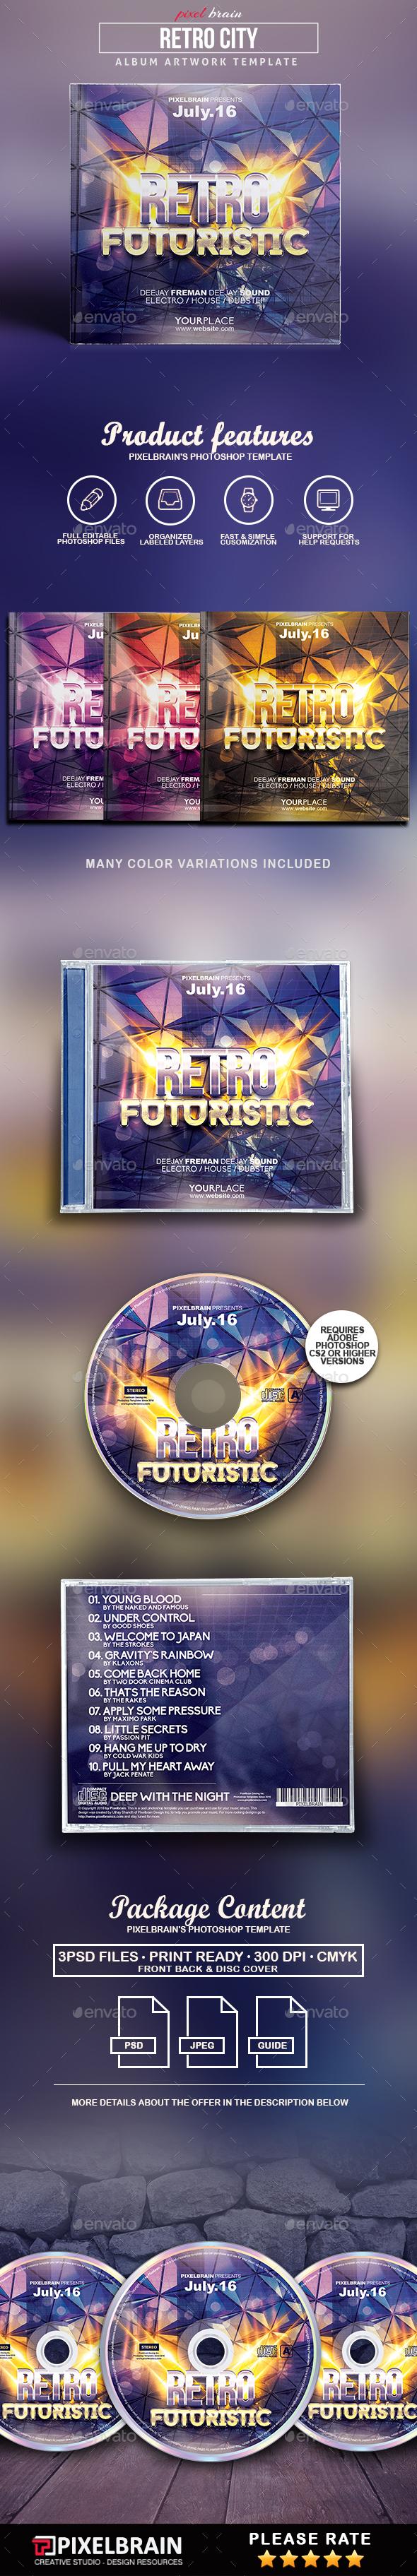 Retro City CD Cover Artwork - CD & DVD Artwork Print Templates